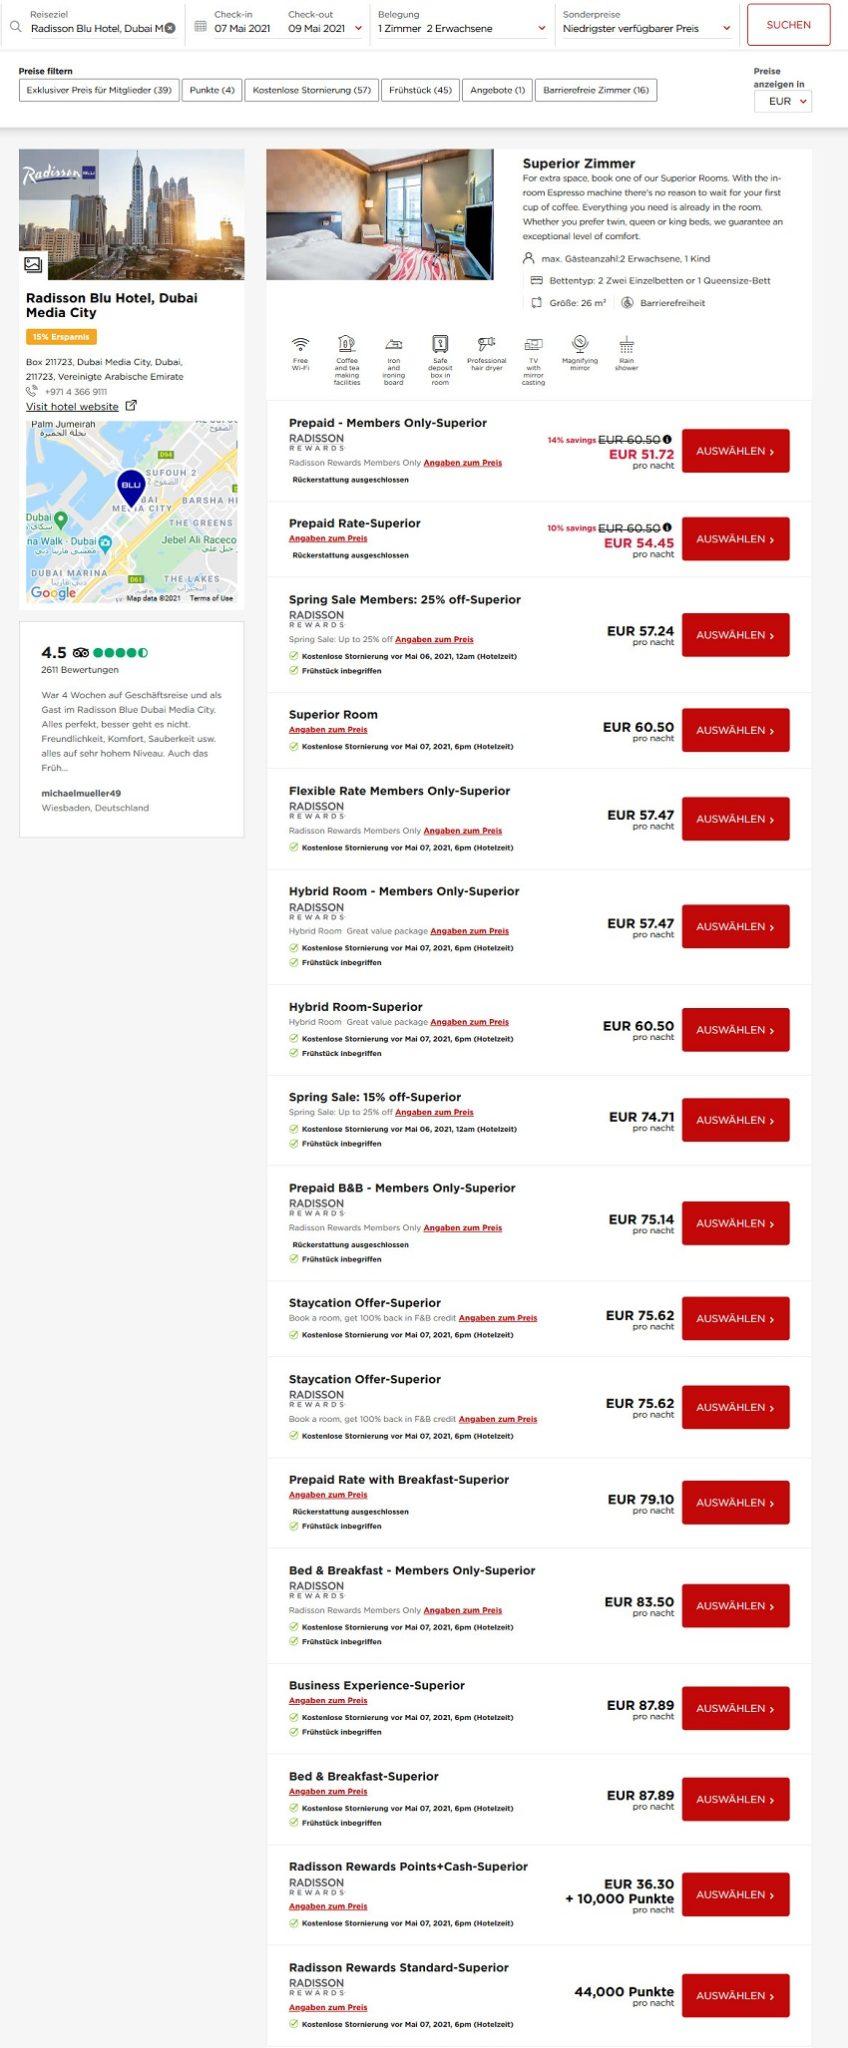 Preisbeispiel Radisson Blu Dubai - Vergleich aller Raten